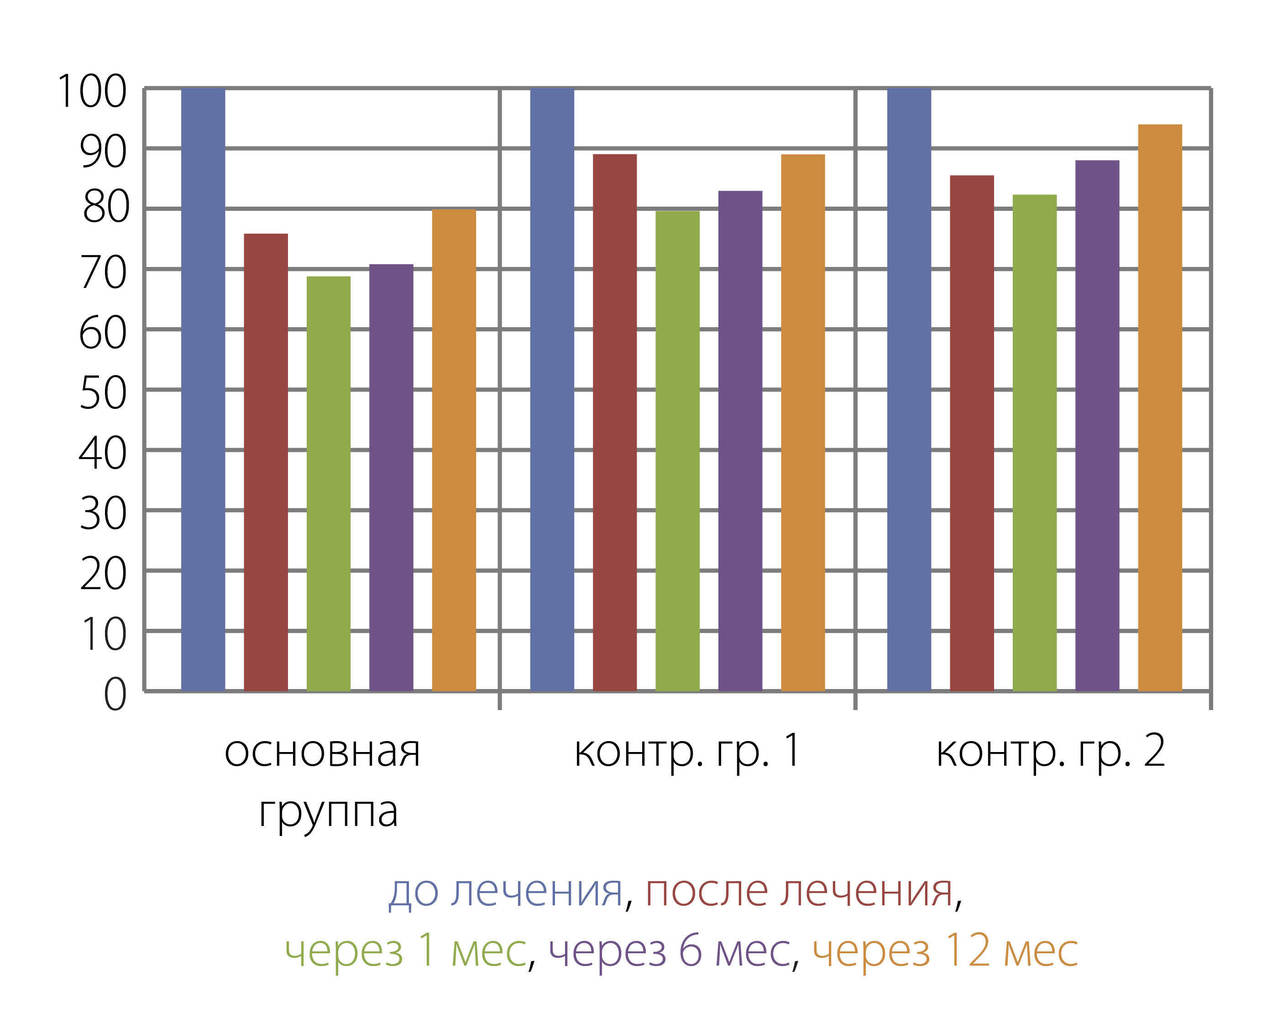 Рис. 3. Сравнительная оценка индекса сенситивности зубов у пациентов основной и контрольных групп.